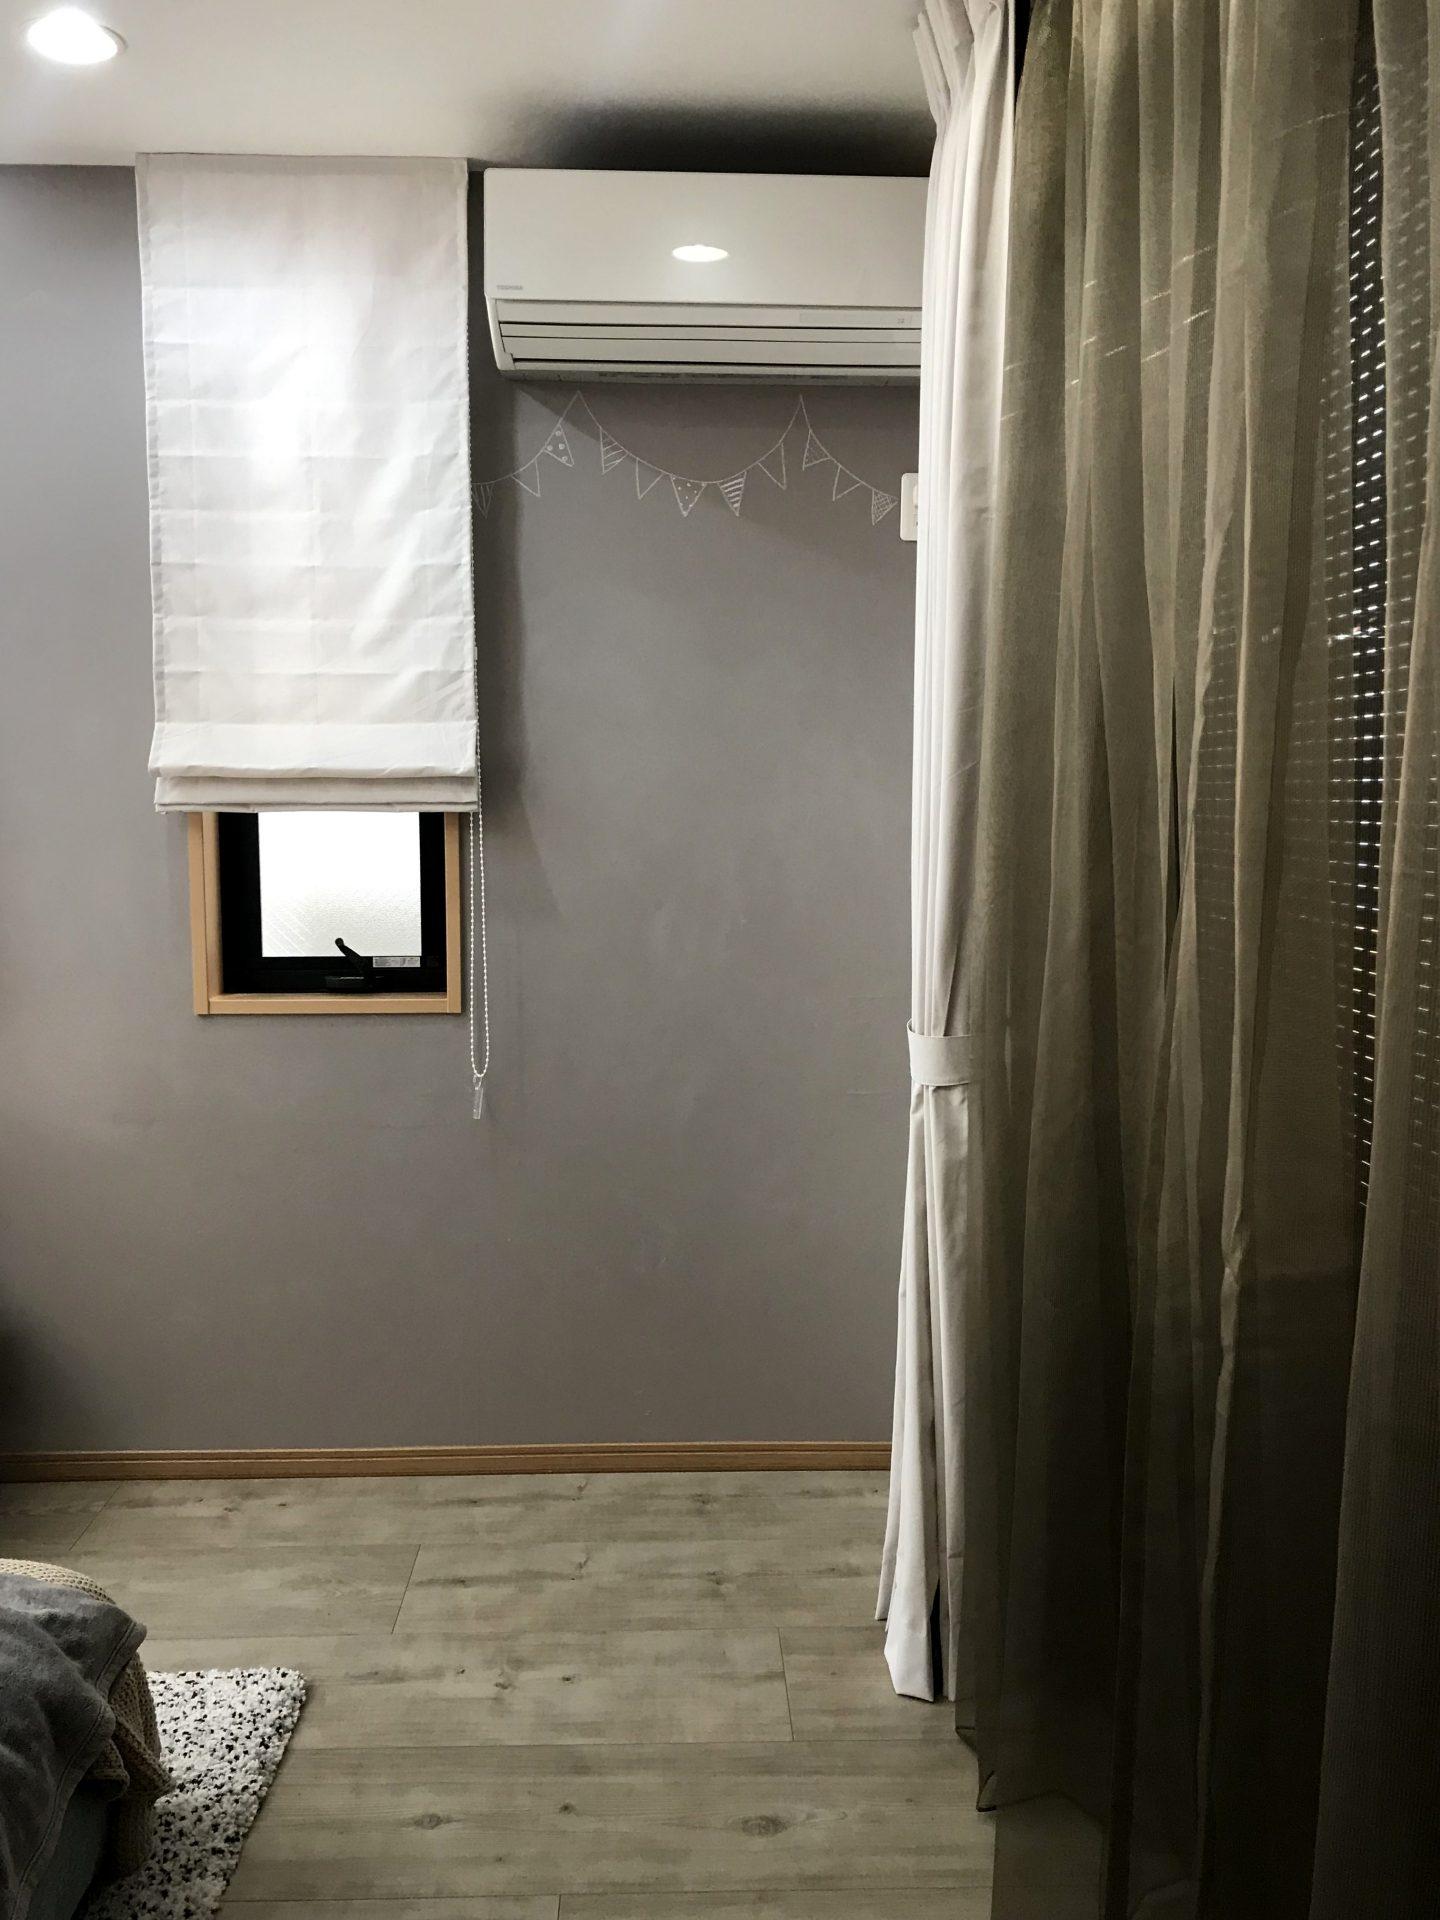 柔らかな風合いに癒されるコットンライクなカーテン